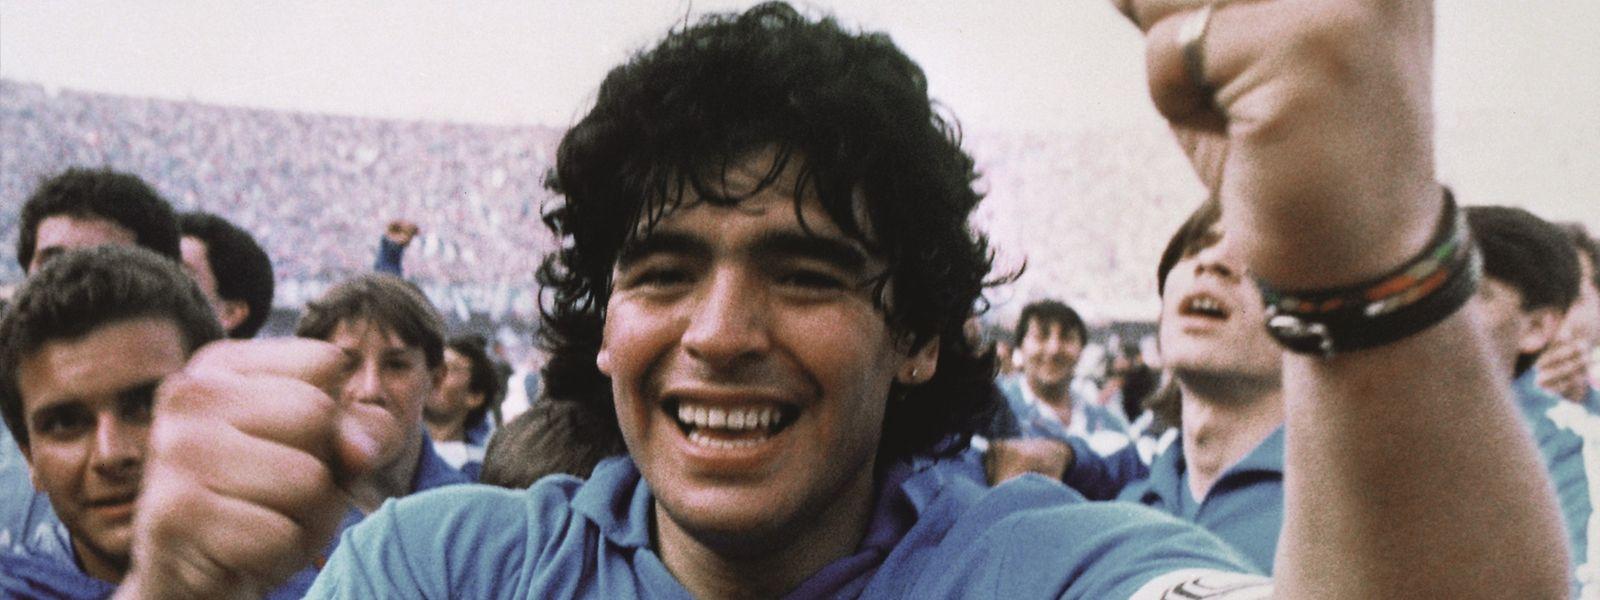 Diego Maradona wird mit der neuen Dokumentation ganz nah und aus neuen Perspektiven gezeigt.